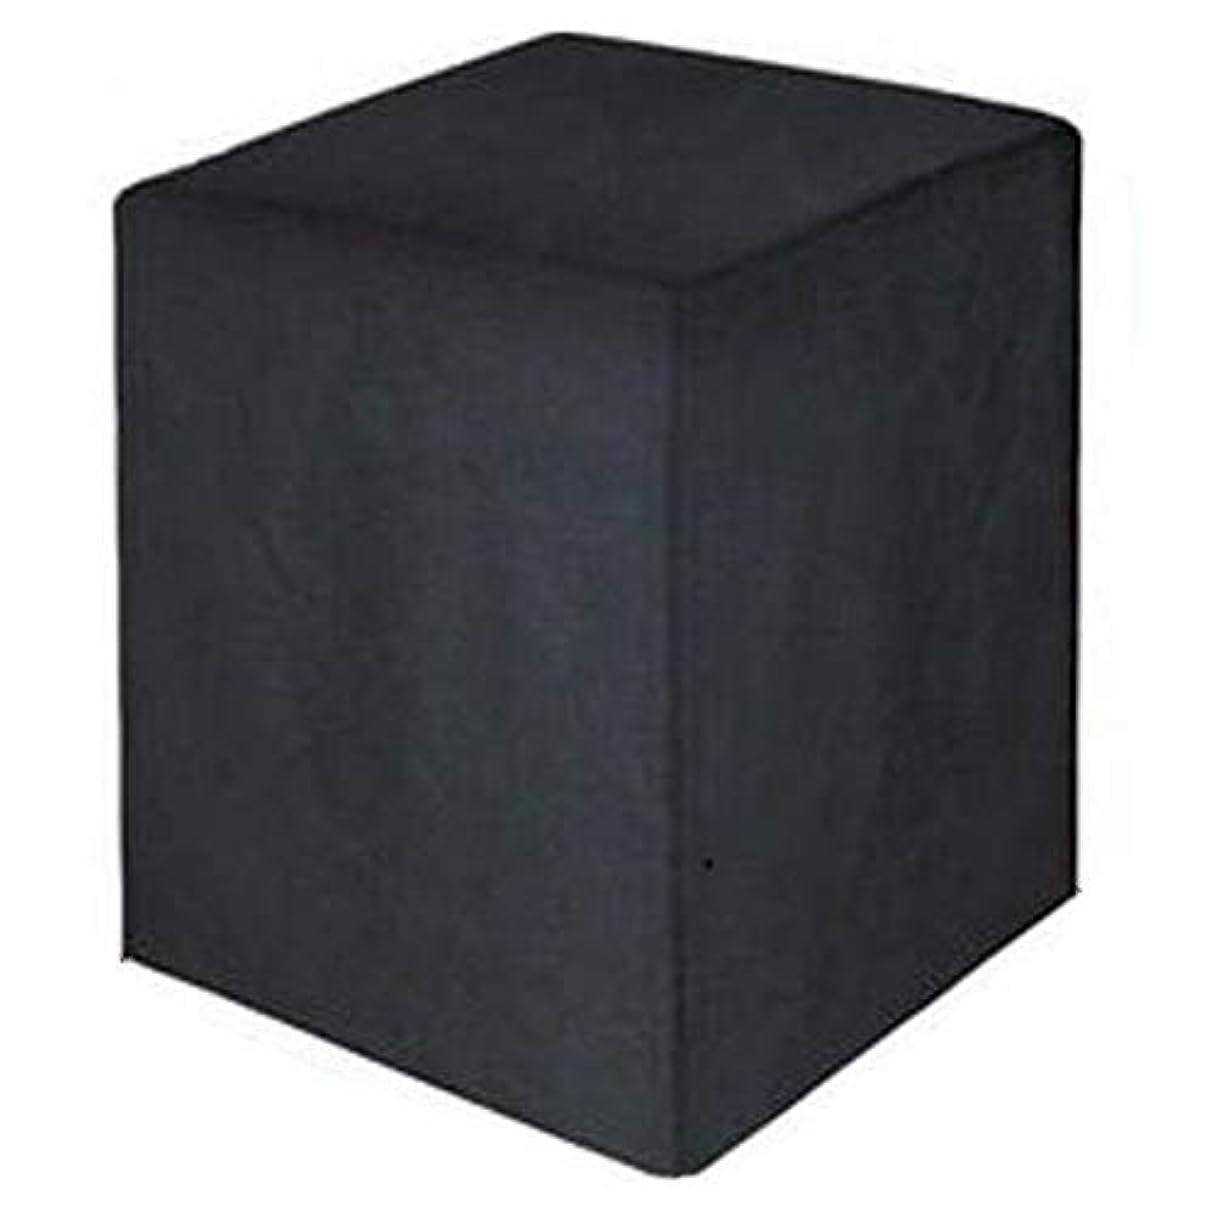 作者教育者揺れるXINGZHE 防塵カバー - 屋外オックスフォード布防水および防塵庭の家具カバー、中庭ヘビーデューティガスグリルカバー - ブラック ダストカバー (サイズ さいず : 68x68x72CM)